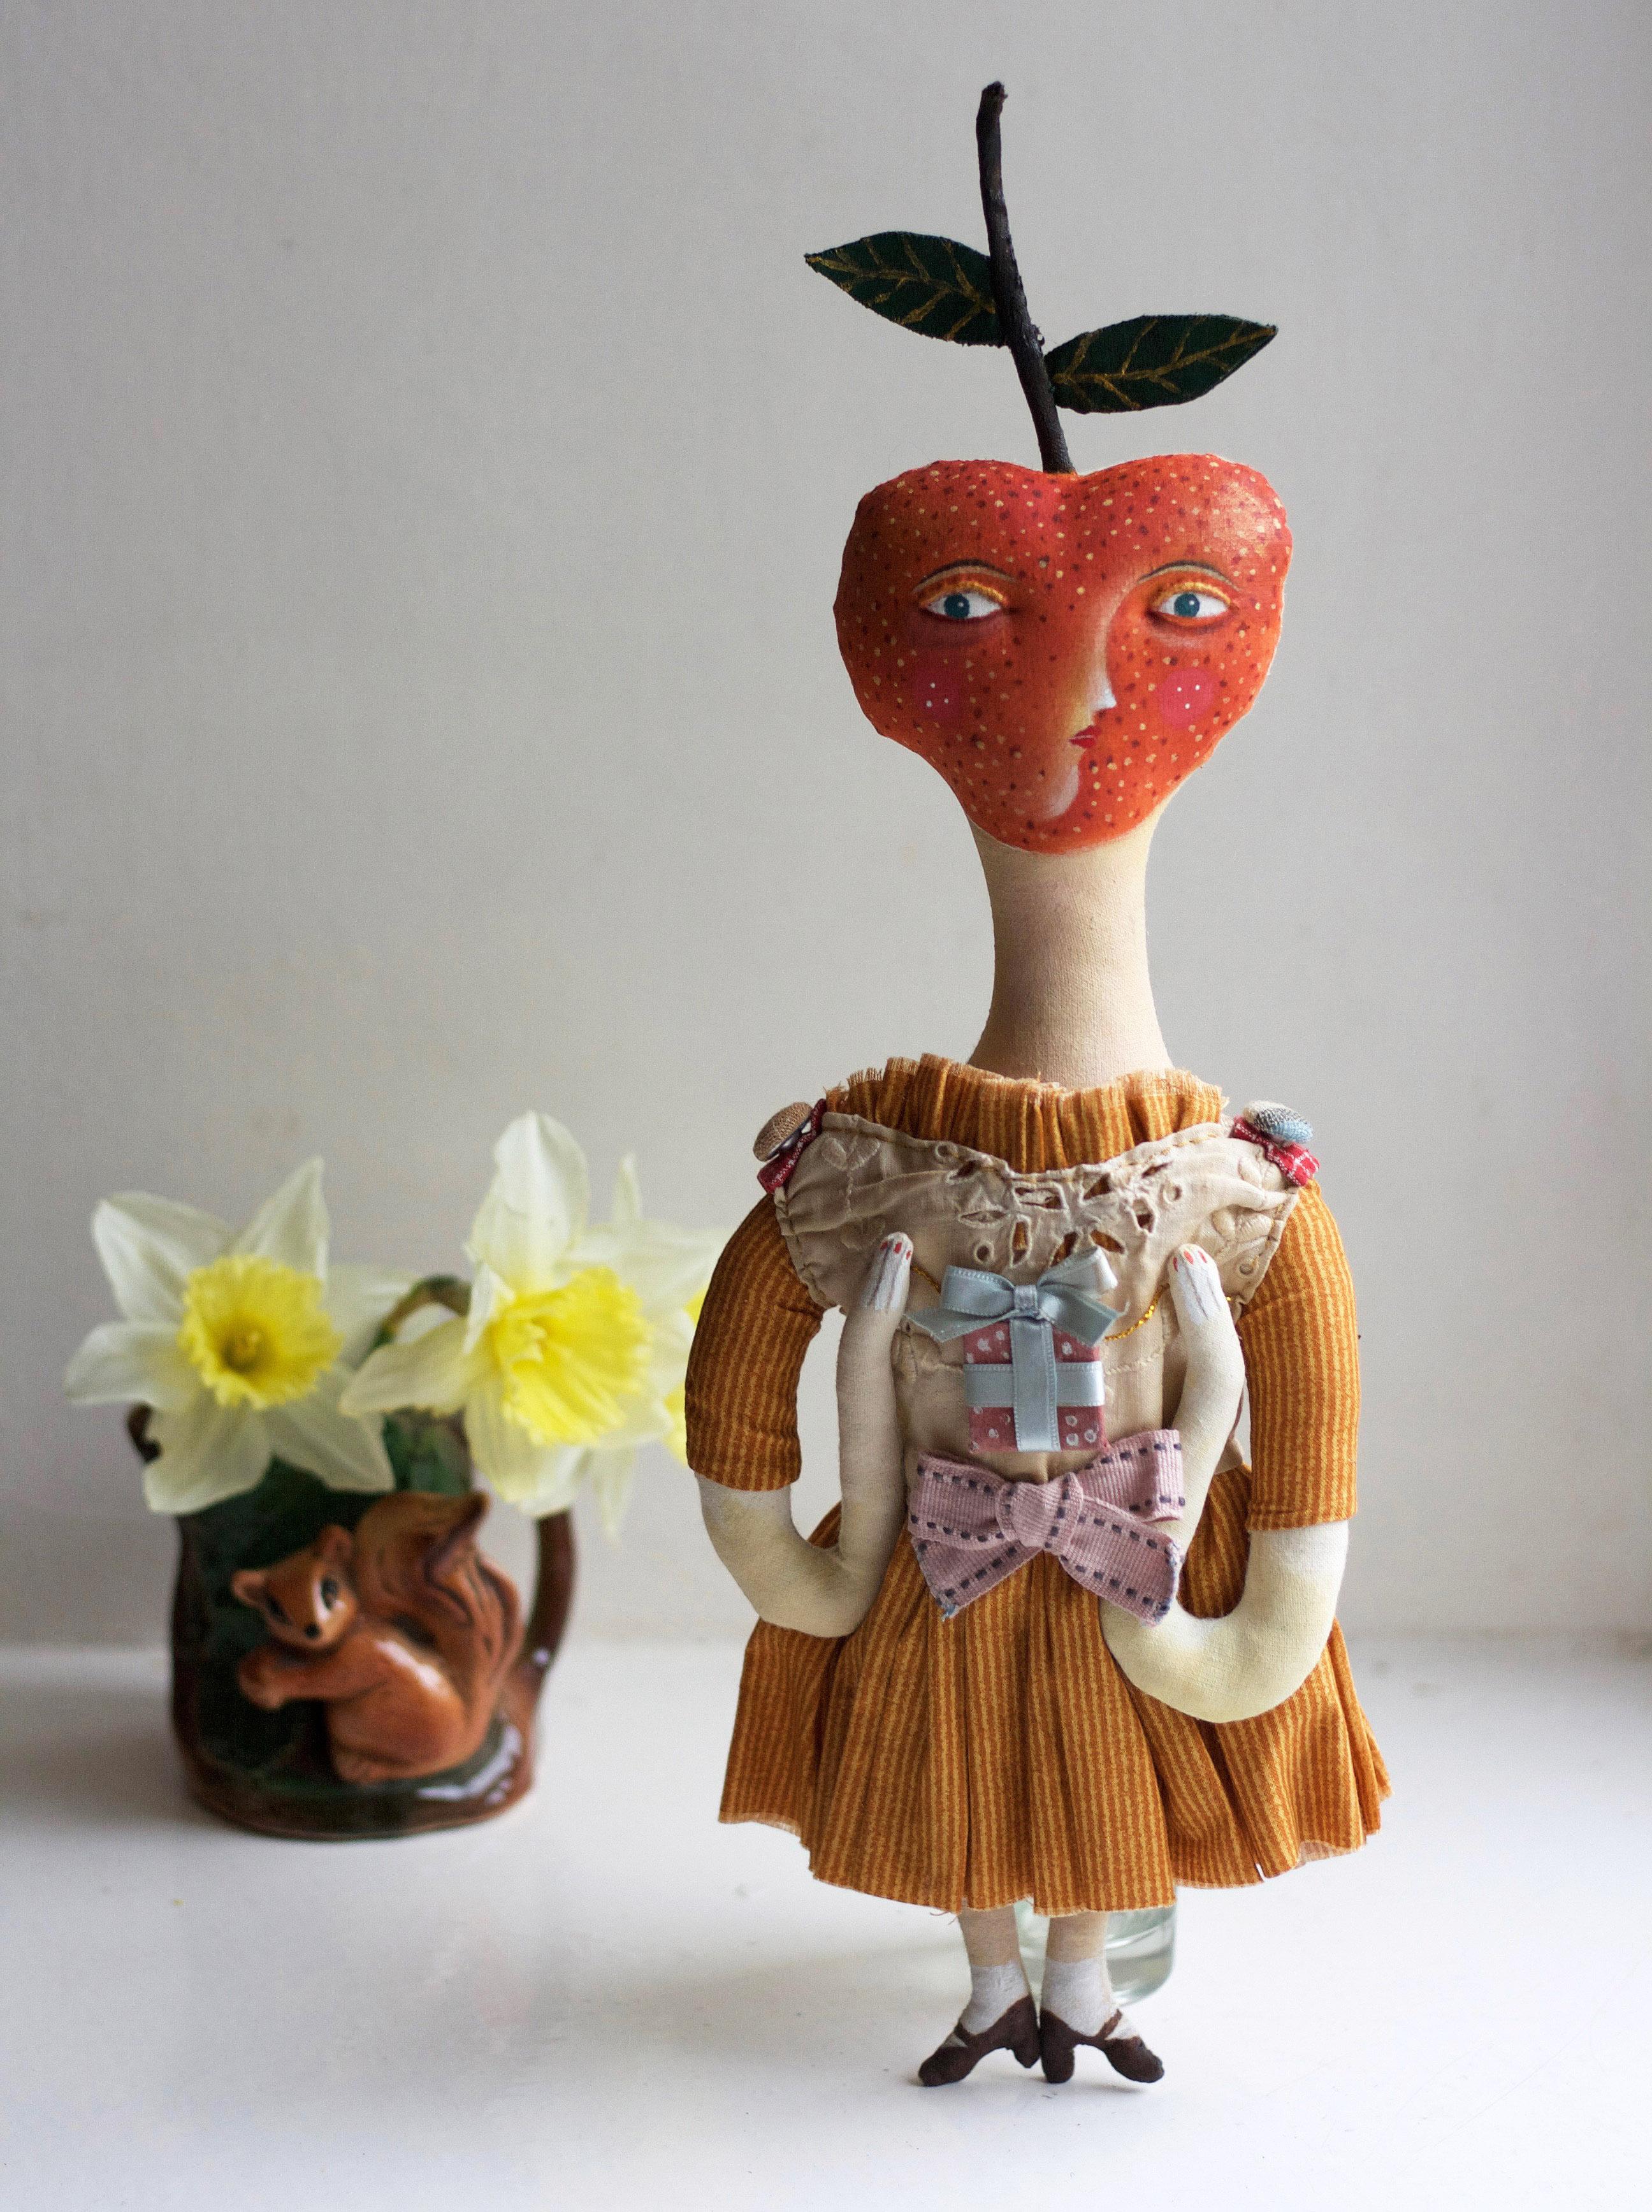 Tilly Tangerine